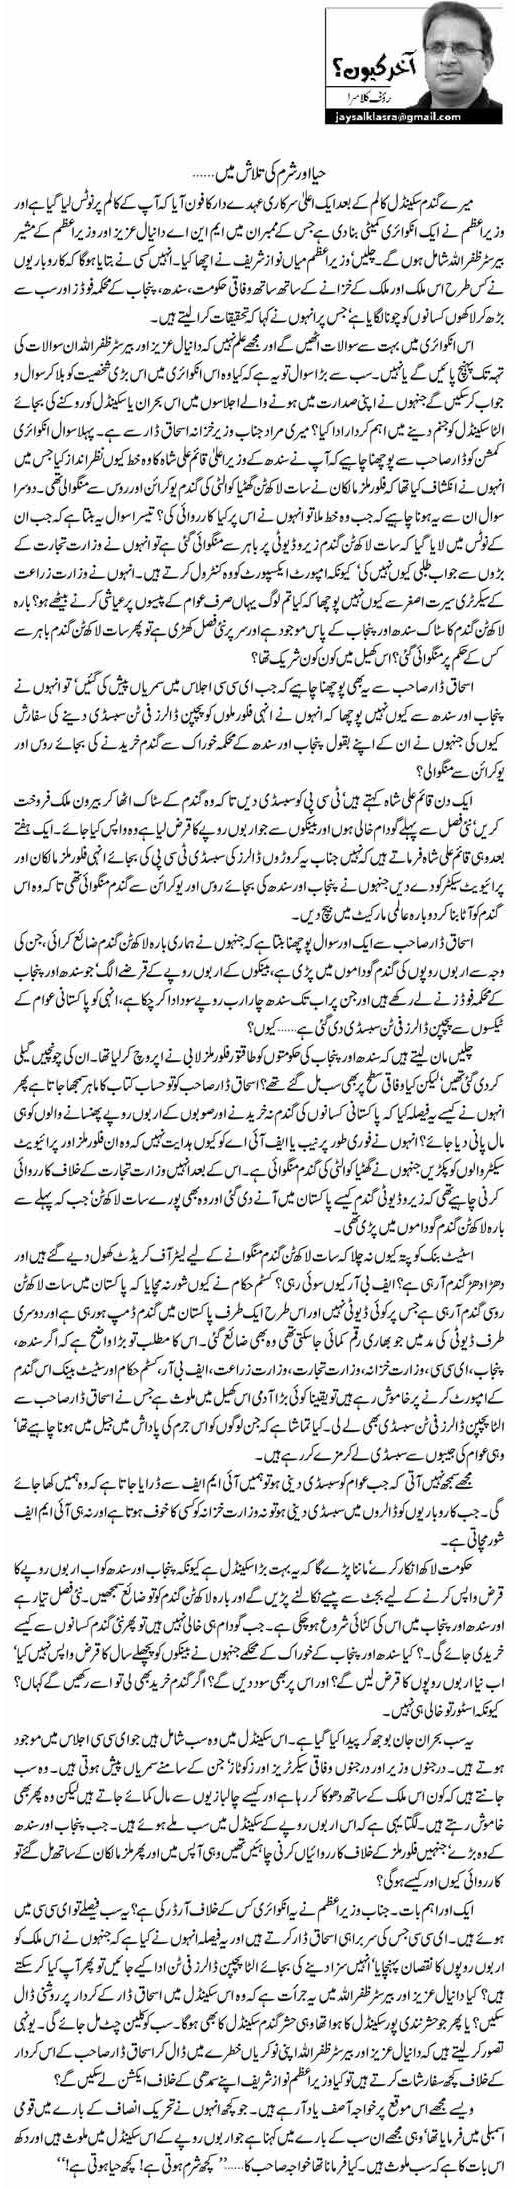 Haya Aur Sharm Ki Talash Mai By Rauf Klasra - Pakfunny